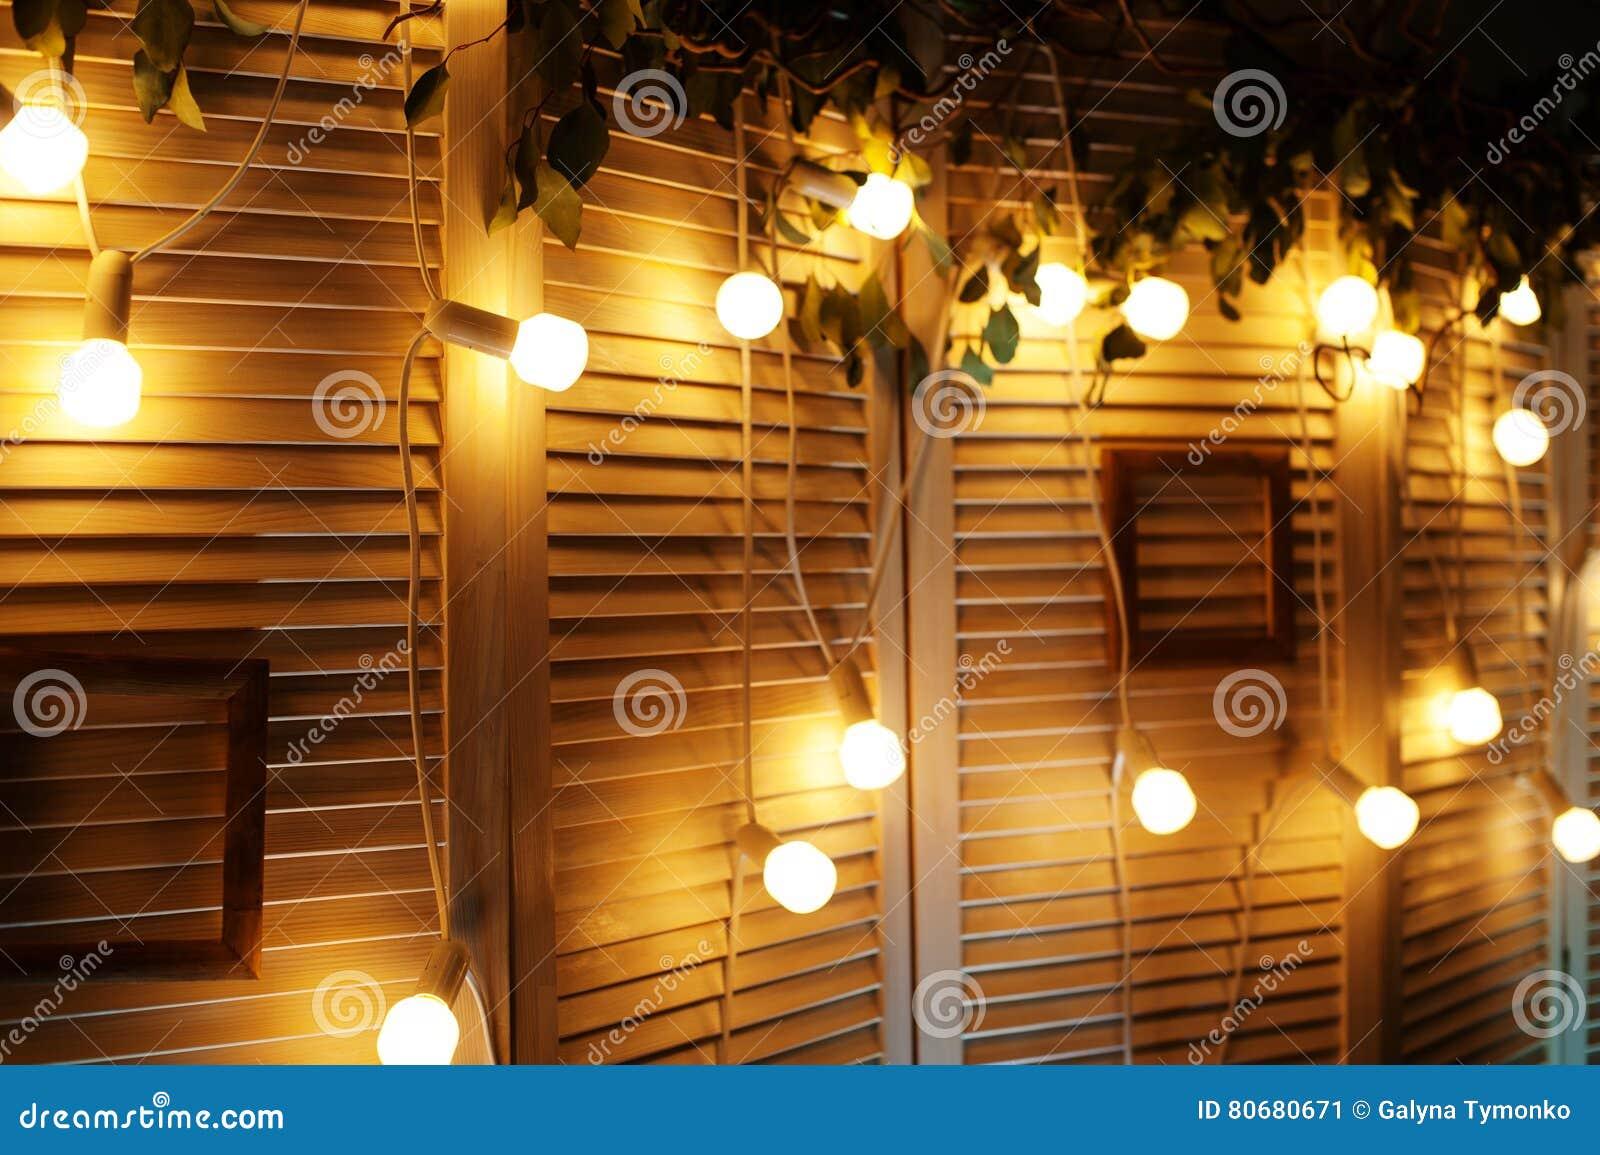 Beautiful Lights On Wall Decor For Christmas Shoot Stock Image ...